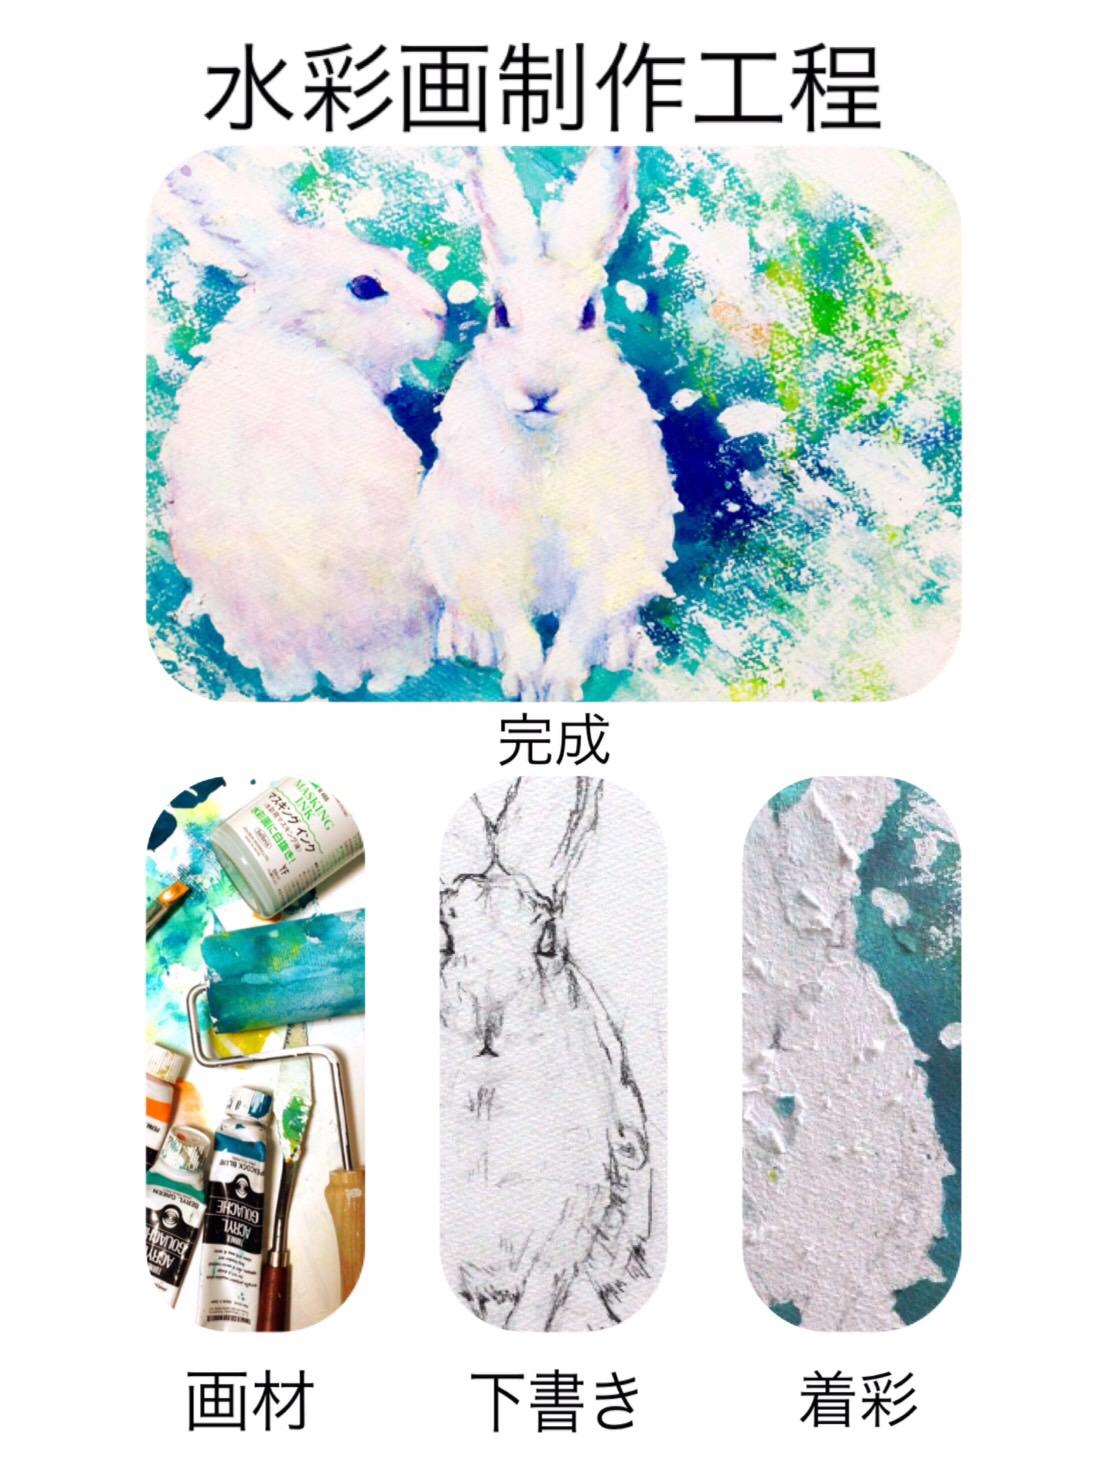 2016ガクタメ_生物造形部_01